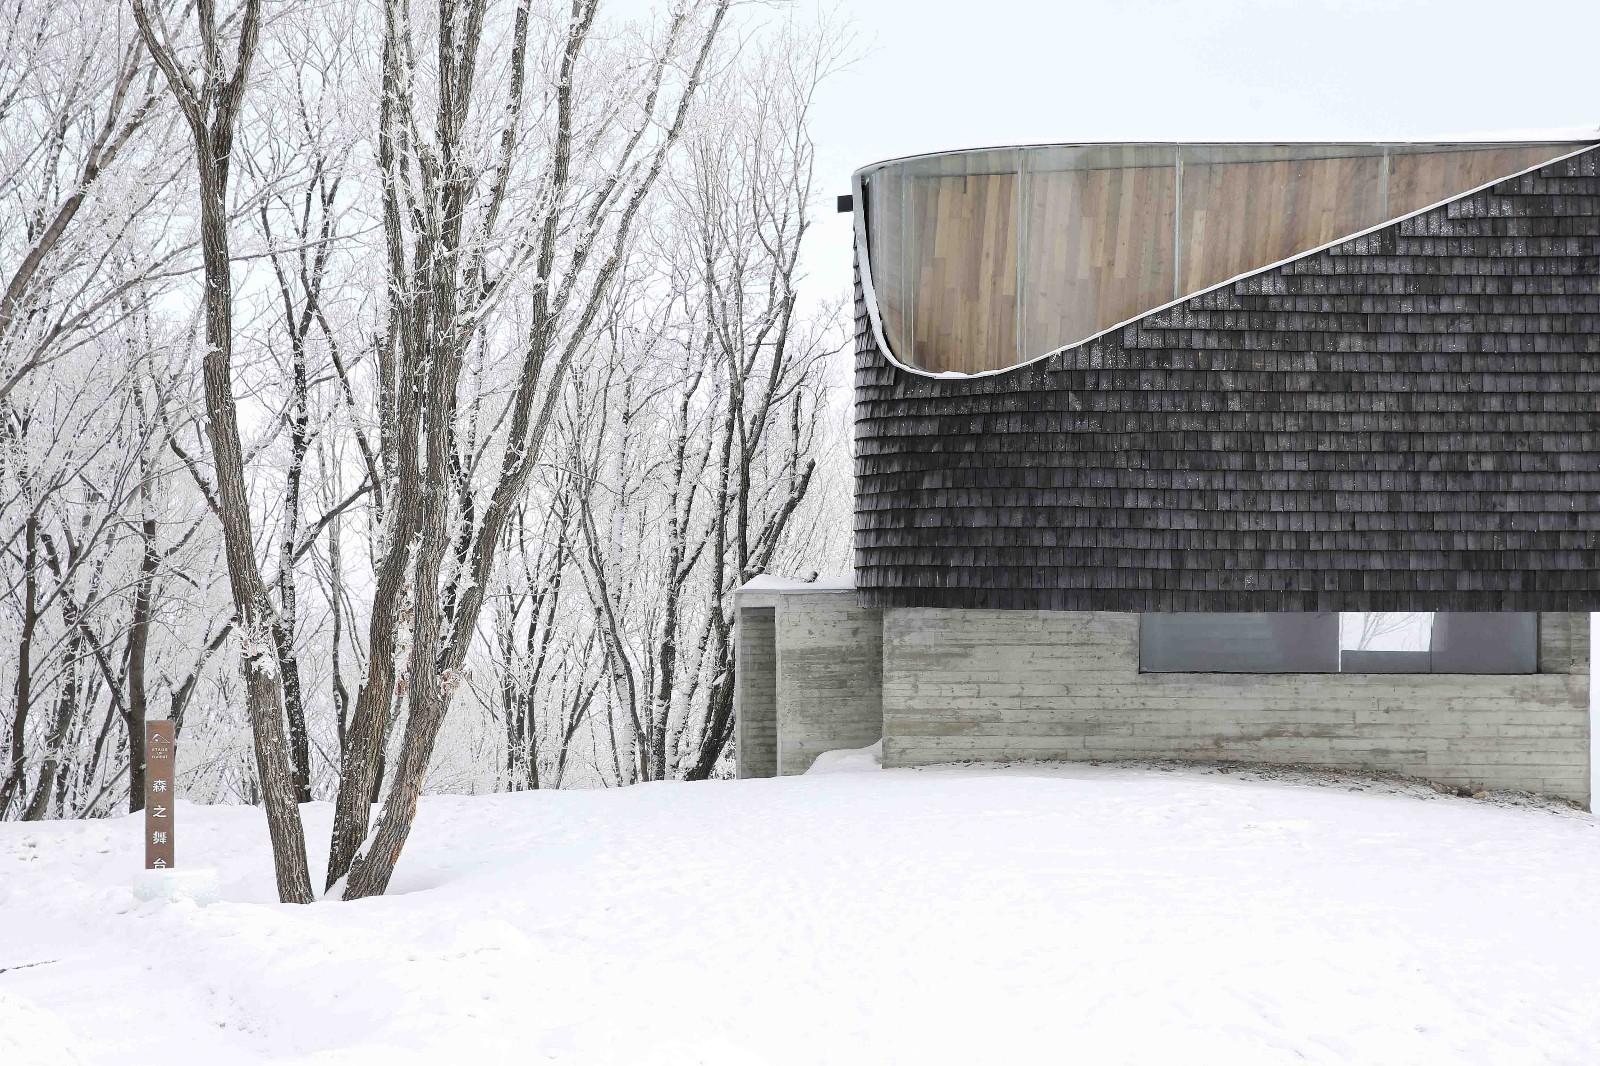 这一观景点的选址,基于对场地条件的全方位考量。建筑师希望尽量减少建筑对现有植被的影响,同时保证观景平台上视野的最佳角度,由此确定了基地位置和三角形舞台的基本形状。夏季,这里被浓郁的绿荫环绕;到冬季,粉雪覆盖一切,形成了一条绝佳的野雪道。森之舞台就从起伏的地景中缓缓升起,如漂浮在水面的一片树叶,悬挑于雪道之上。